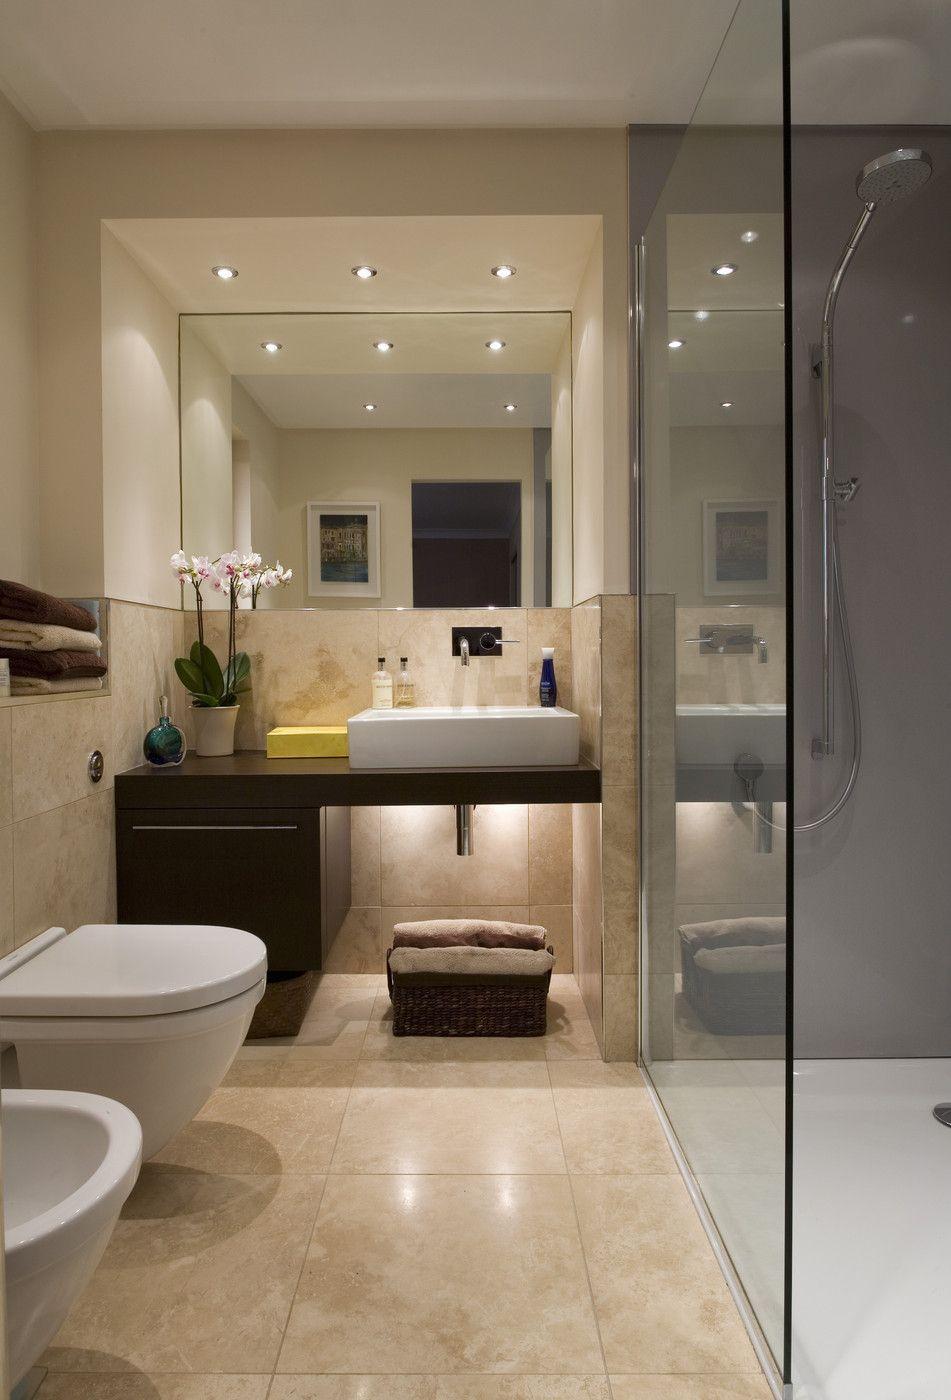 modern bathroom photos bathroom badezimmer zeitgen ssische badezimmer und badezimmer fliesen. Black Bedroom Furniture Sets. Home Design Ideas